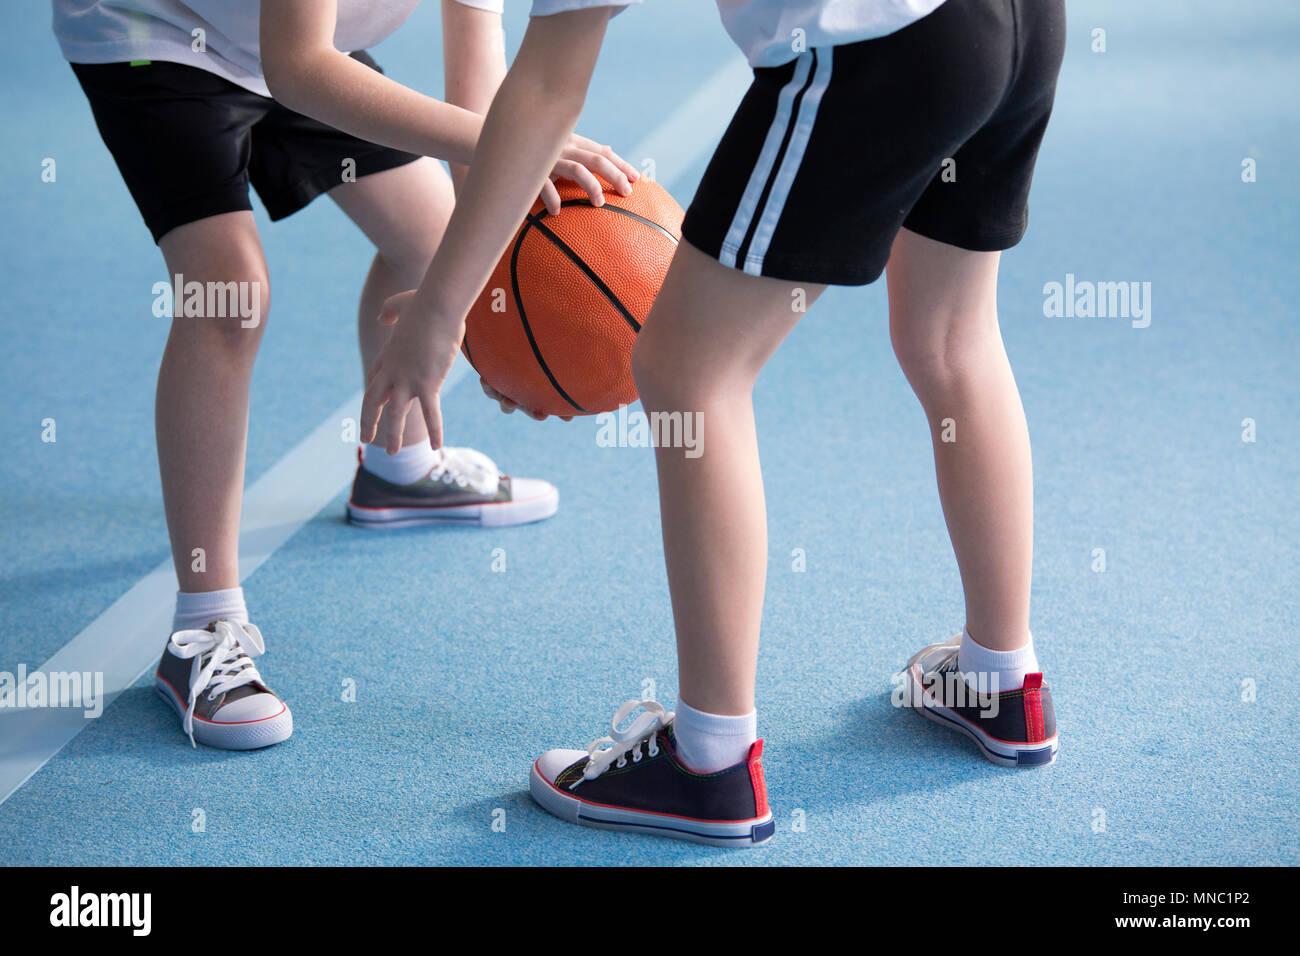 Gros plan sur les jeunes enfants portant des vêtements de l'école apprendre à dribbler un ballon de basket-ball au cours d'éducation physique à l'étage avec salle de sport blue Banque D'Images